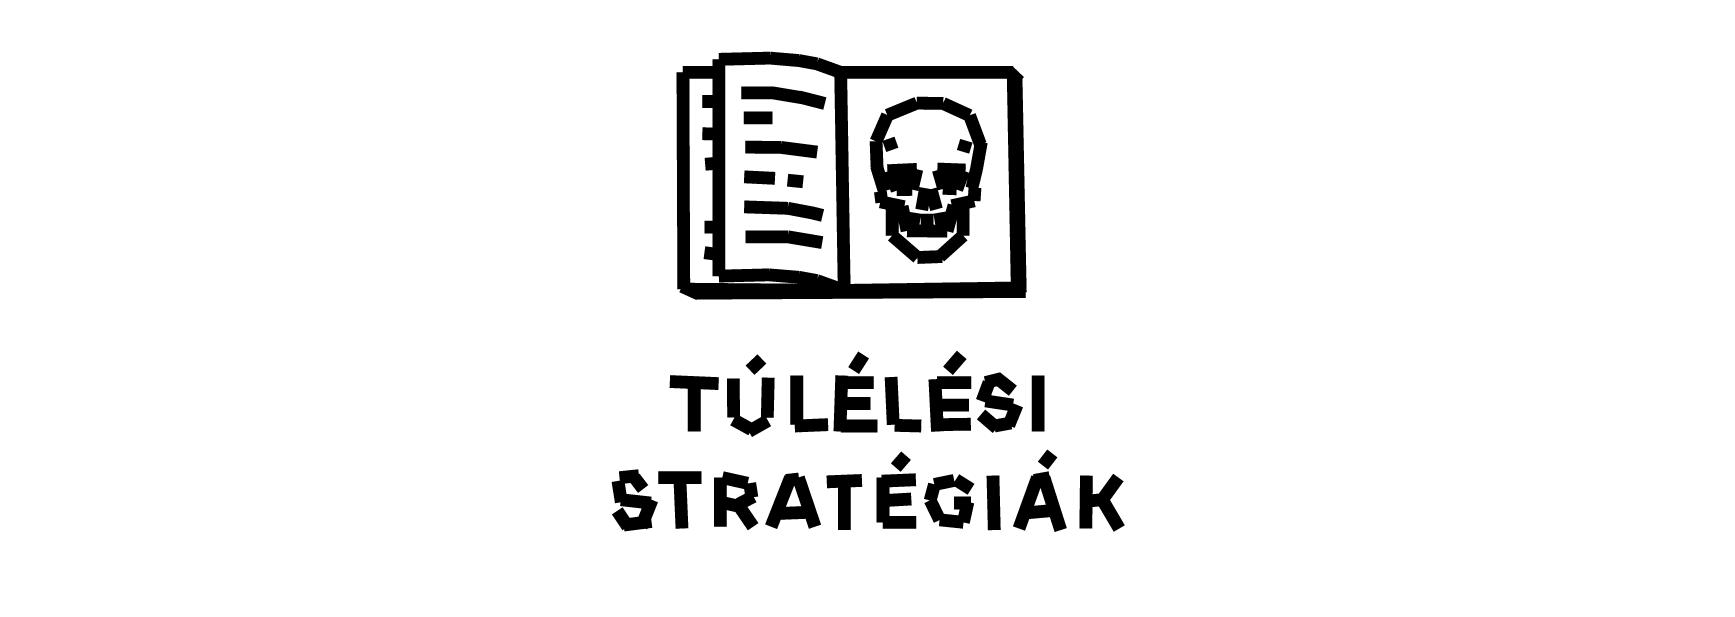 tulelesi_strategiak